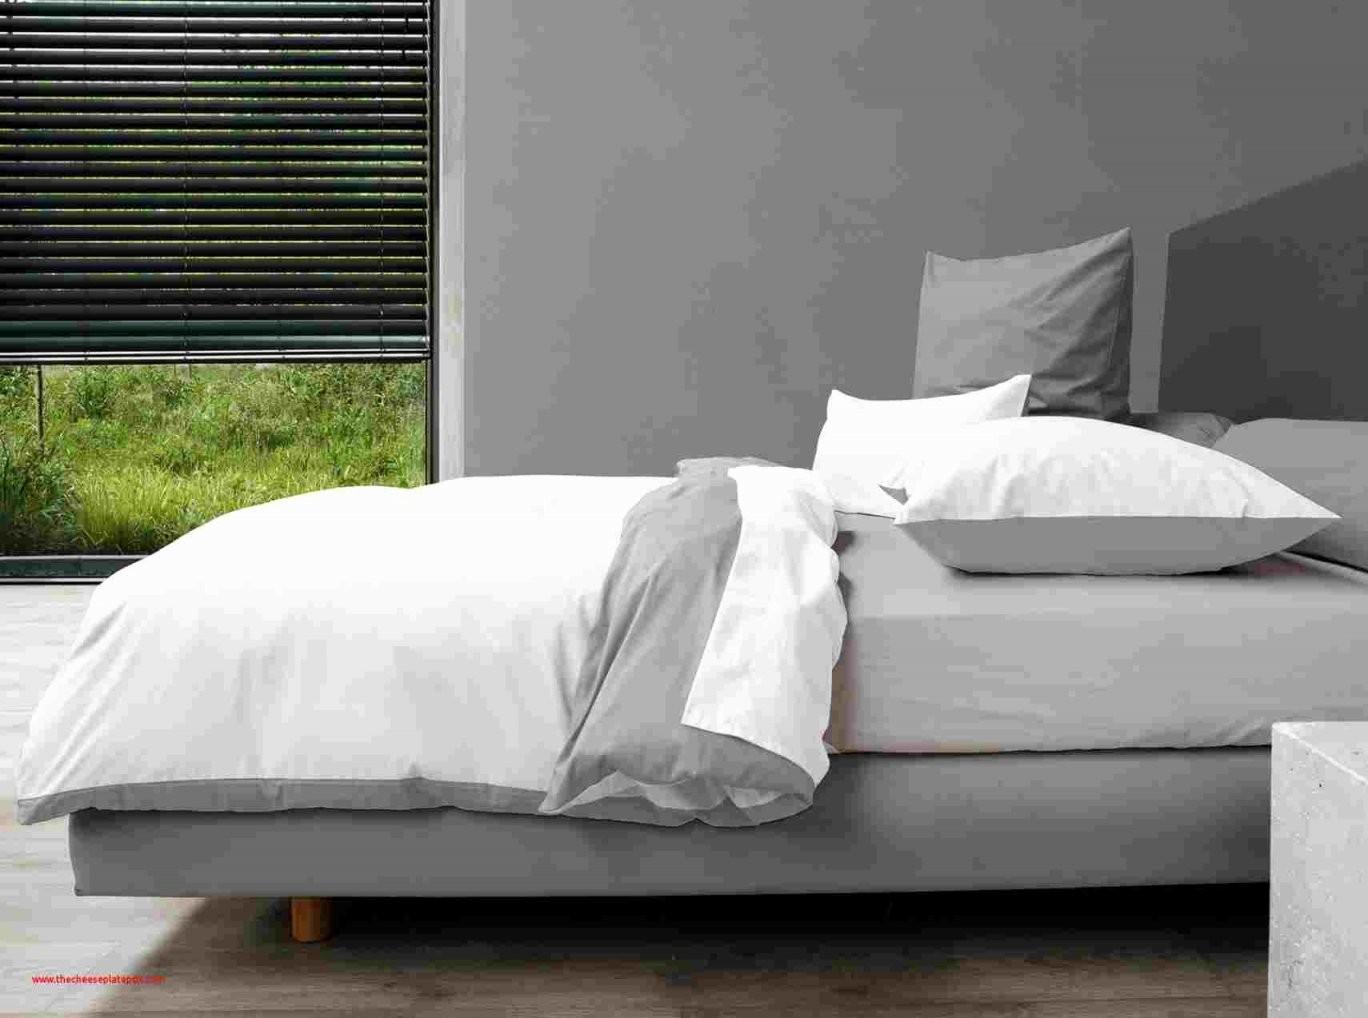 Elegant Perkal Bettwäsche Aldi  Home Image Ideen von Aldi Bettwäsche 155X220 Photo